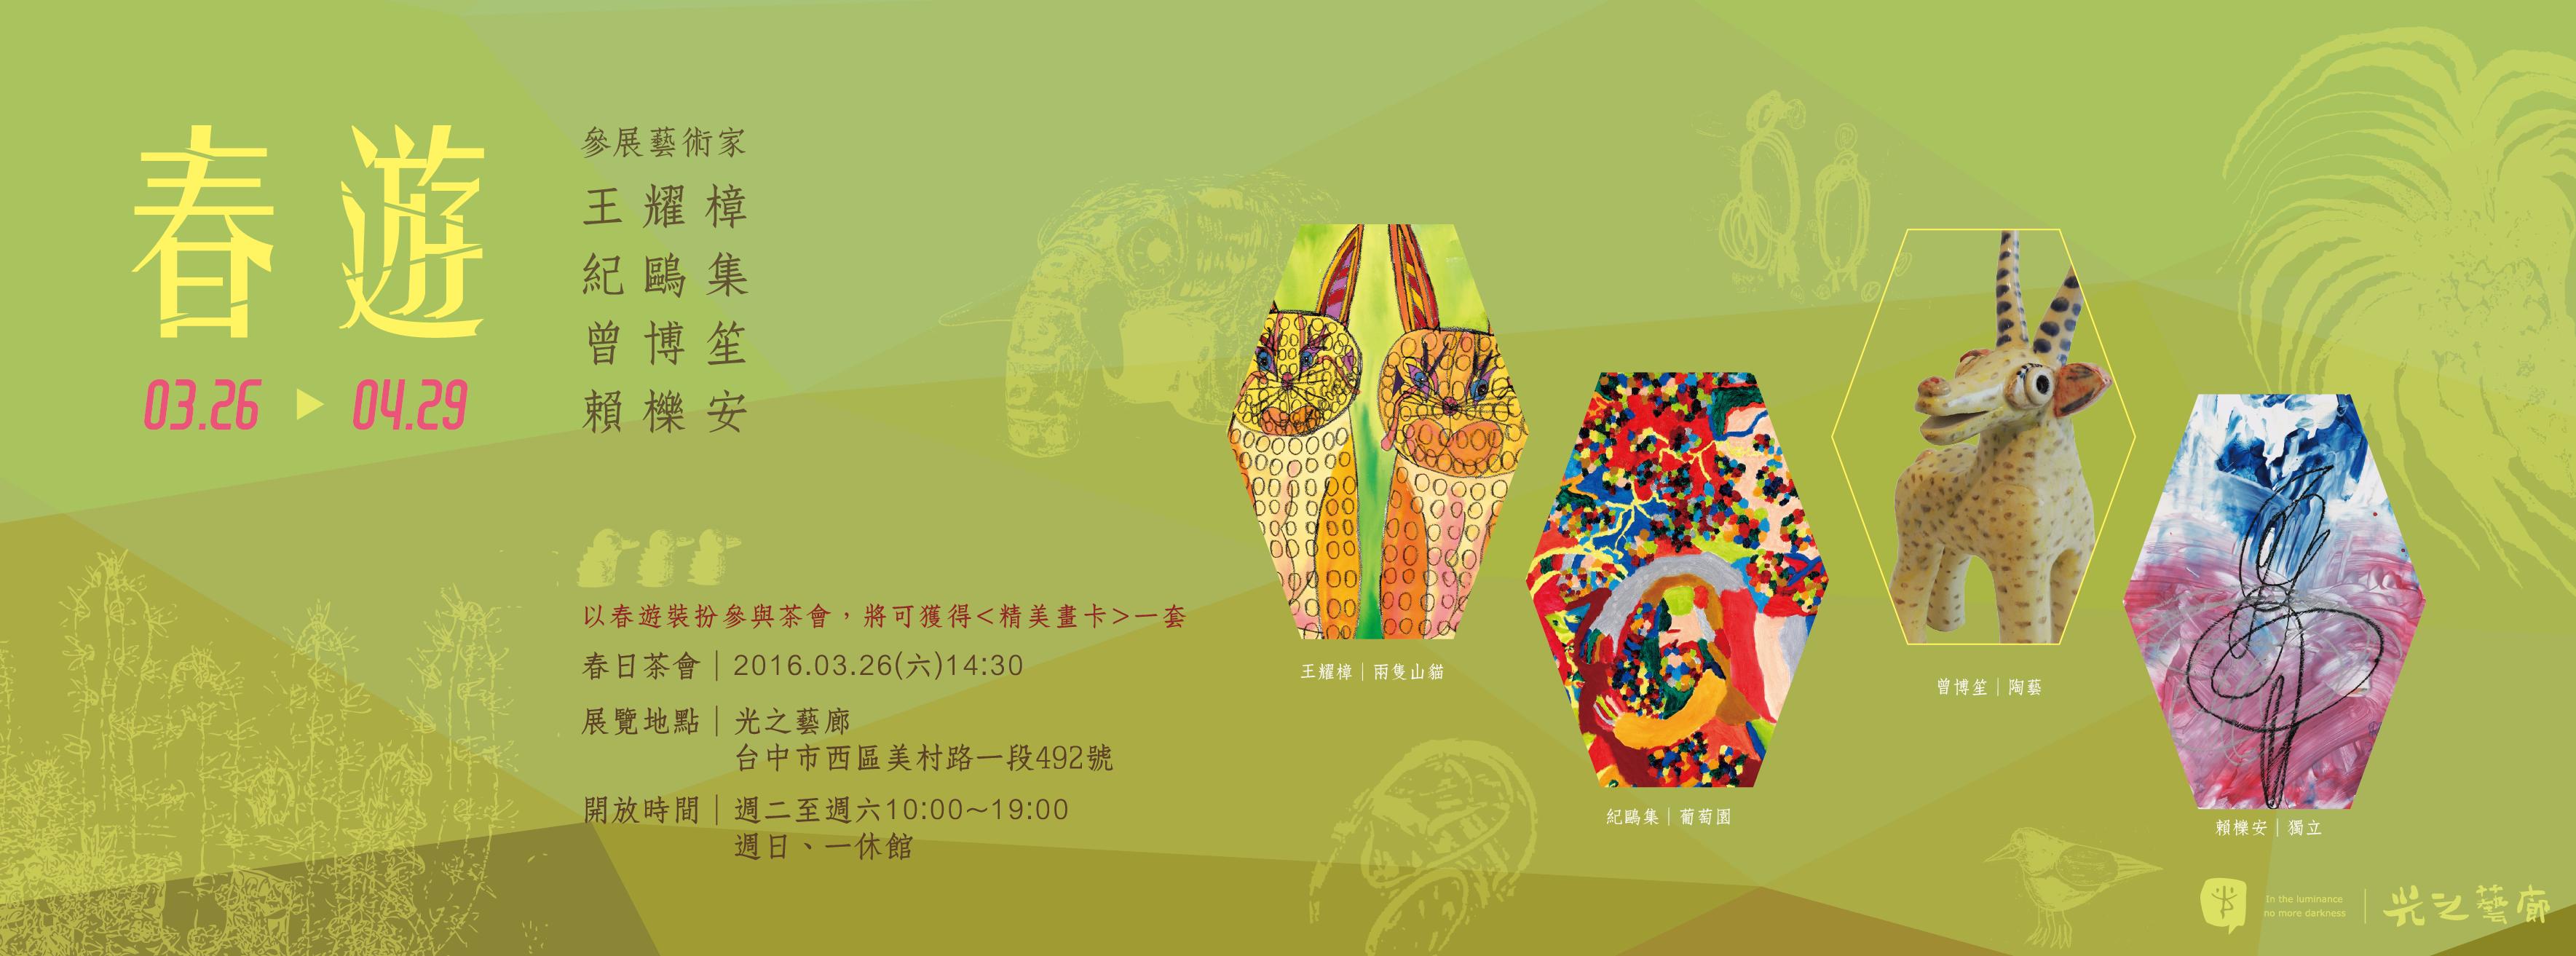 春遊FB封面2-01